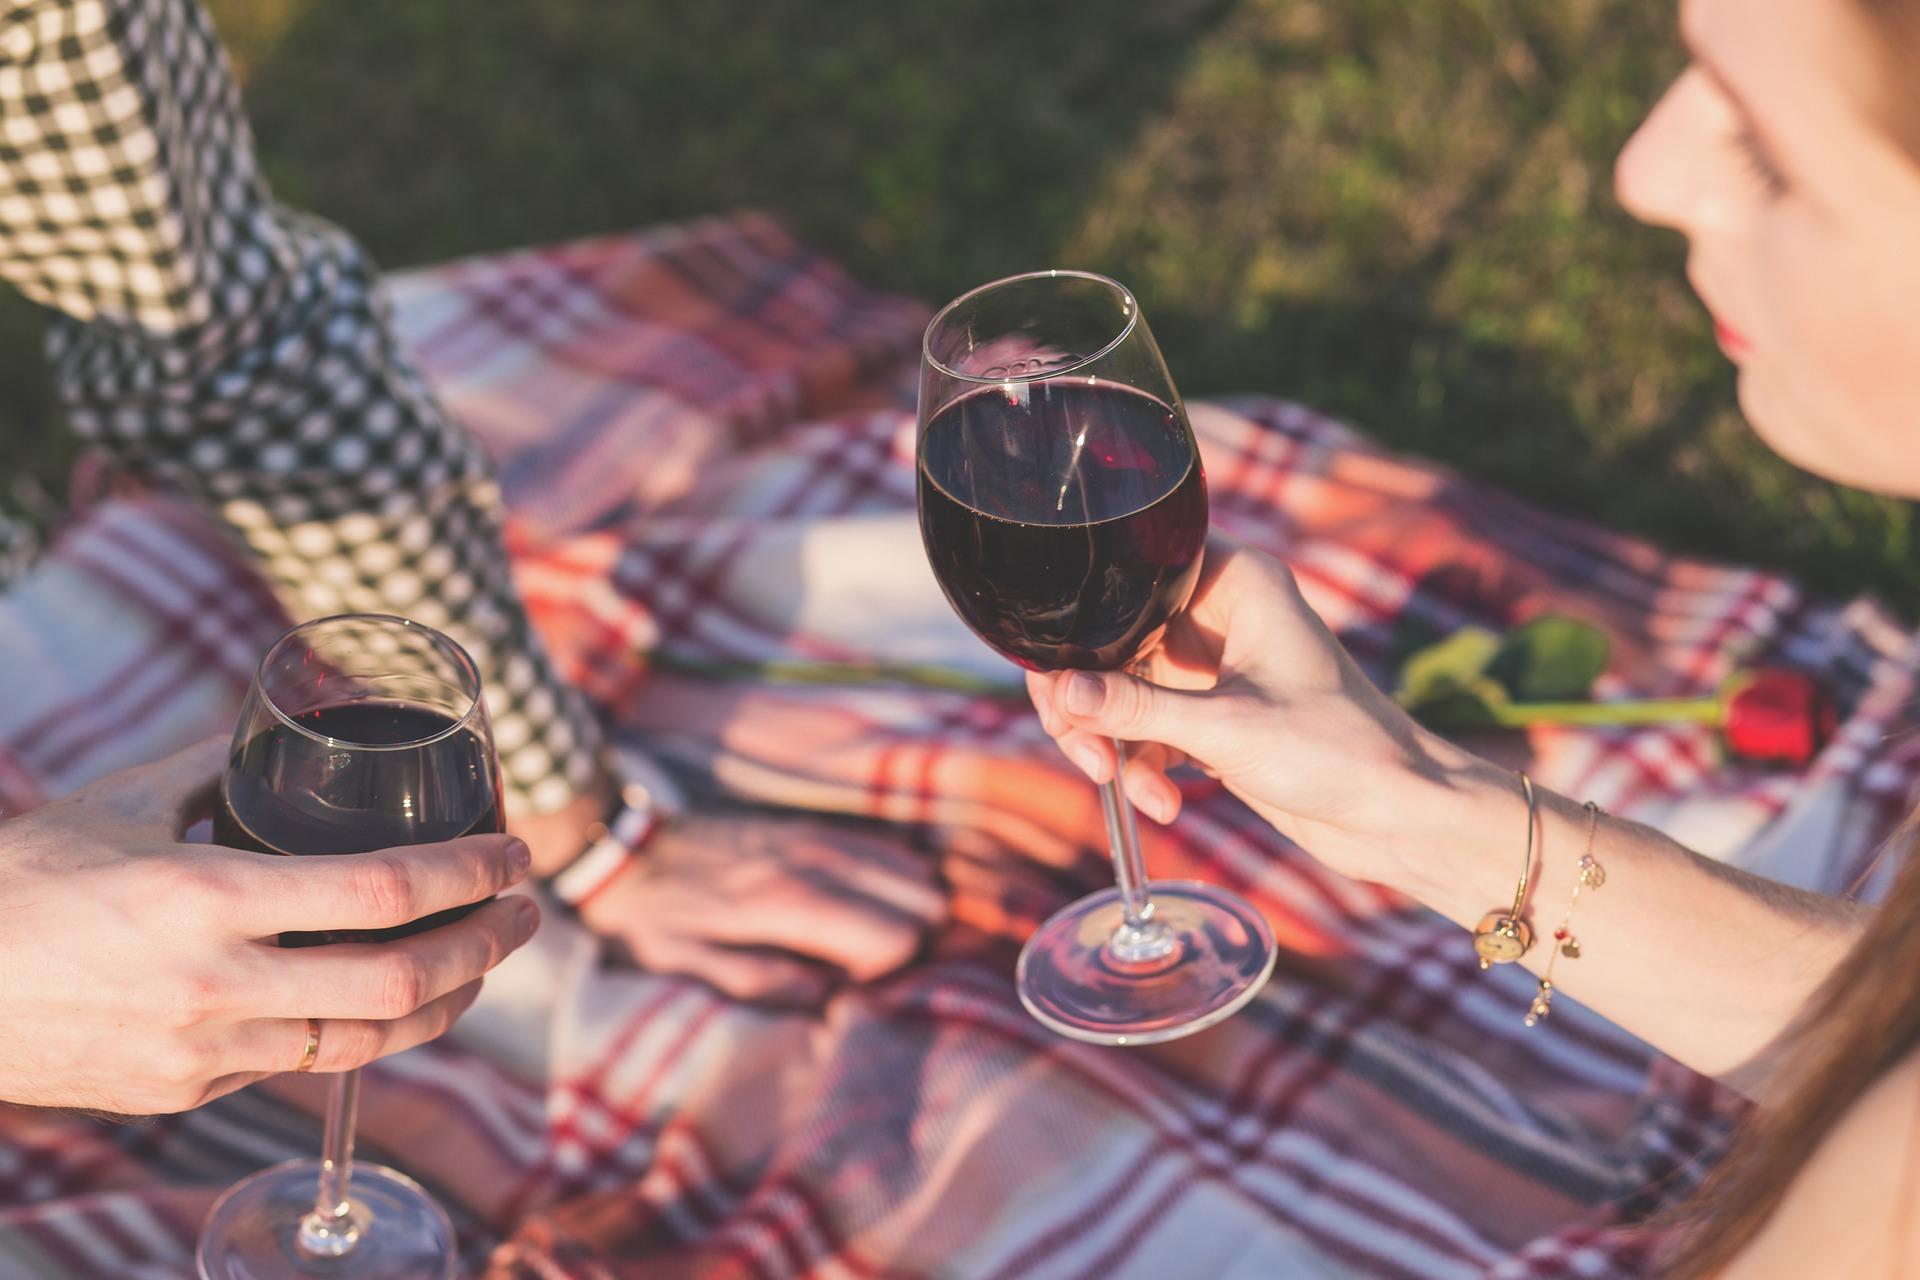 Come pulire la camicia colorata macchiata di vino